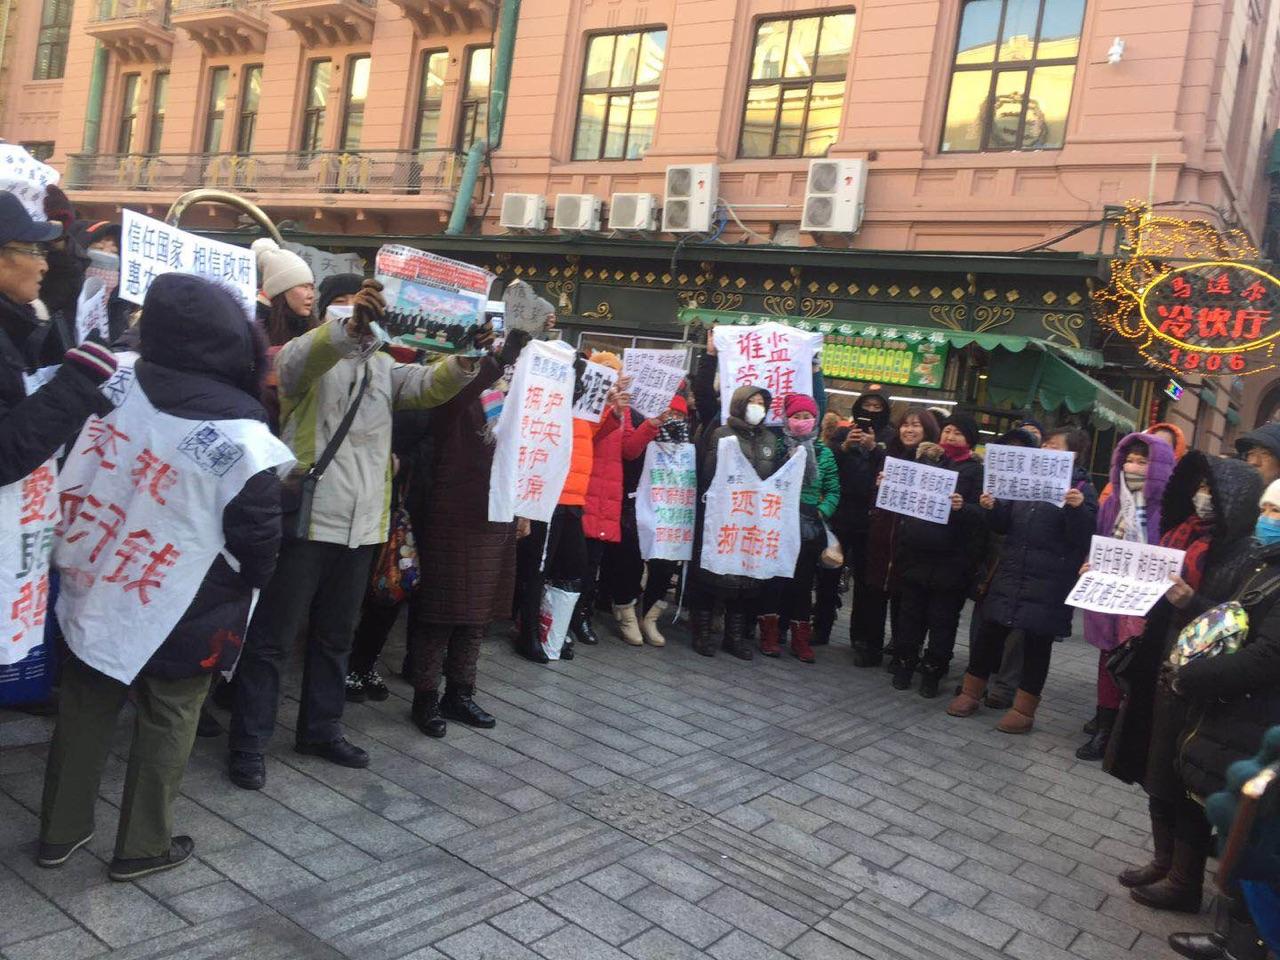 1月10日 ,黑龍江哈爾濱市數百名P2P惠農聚寶平台的難友在省委與該市中央大街請願討血汗錢。(受訪者提供)